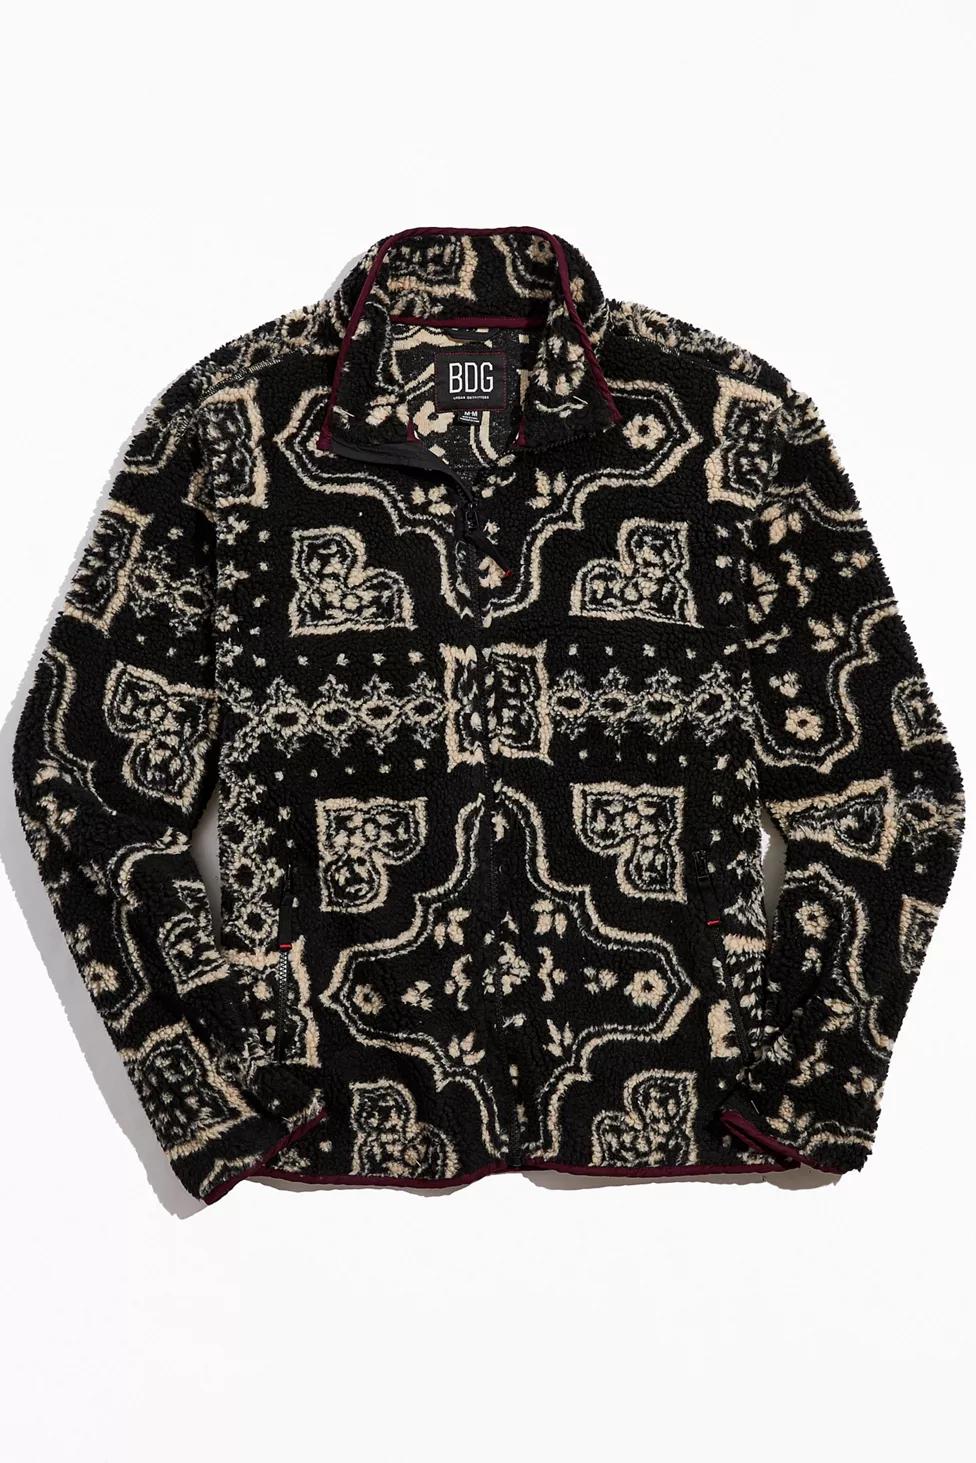 Bdg Damask Sherpa Fleece Jacket Urban Outfitters Fleece Jacket Patchwork Jacket Sherpa Jacket [ 1463 x 976 Pixel ]